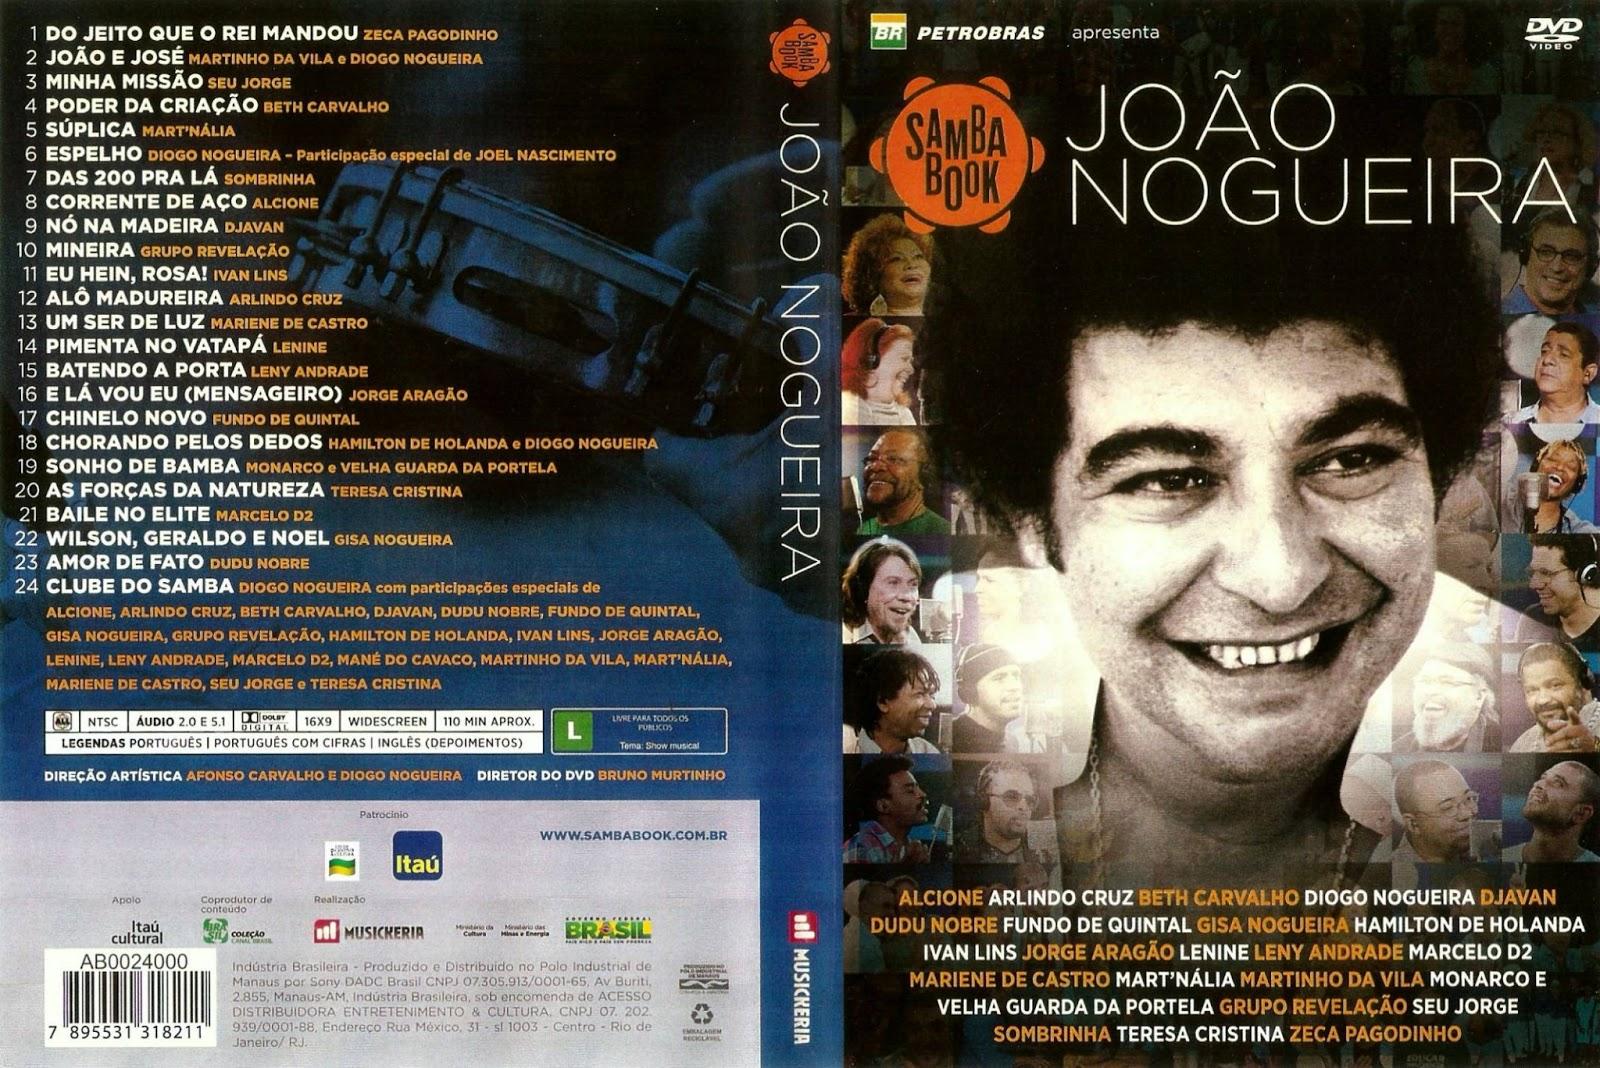 João Nogueira - Sambabook AVI (2013)